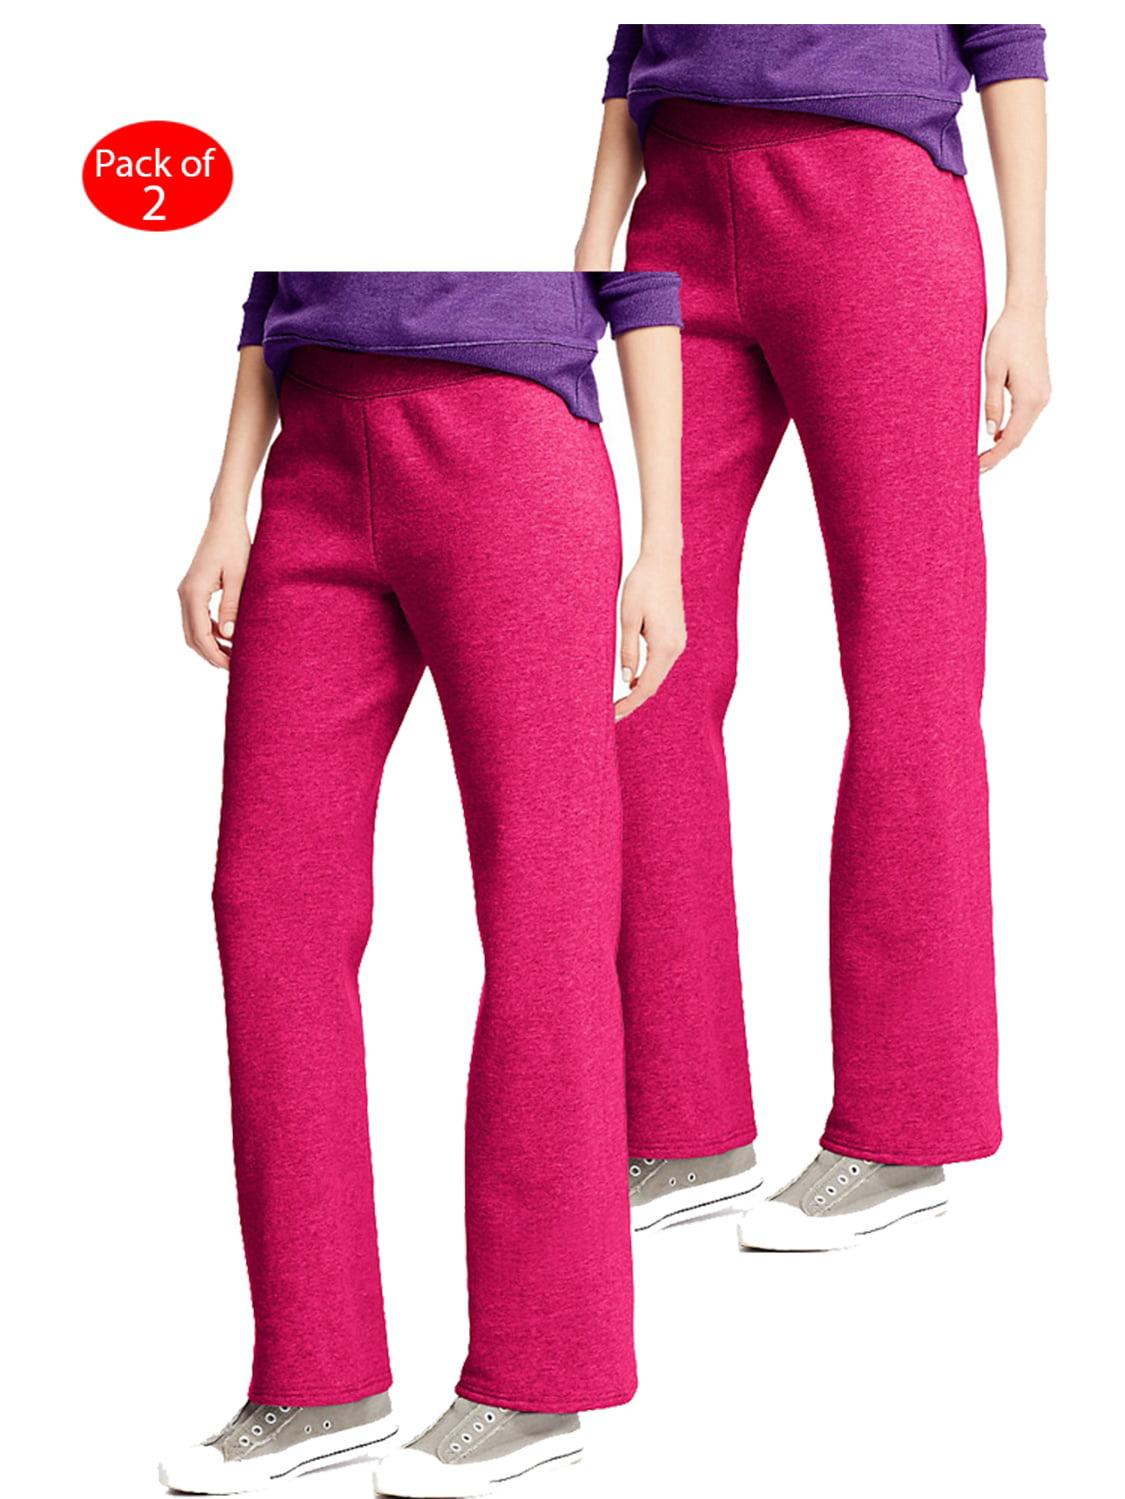 Hanes Women/'s Fleece Pant Open Leg Sweatpants Regular S 2XL